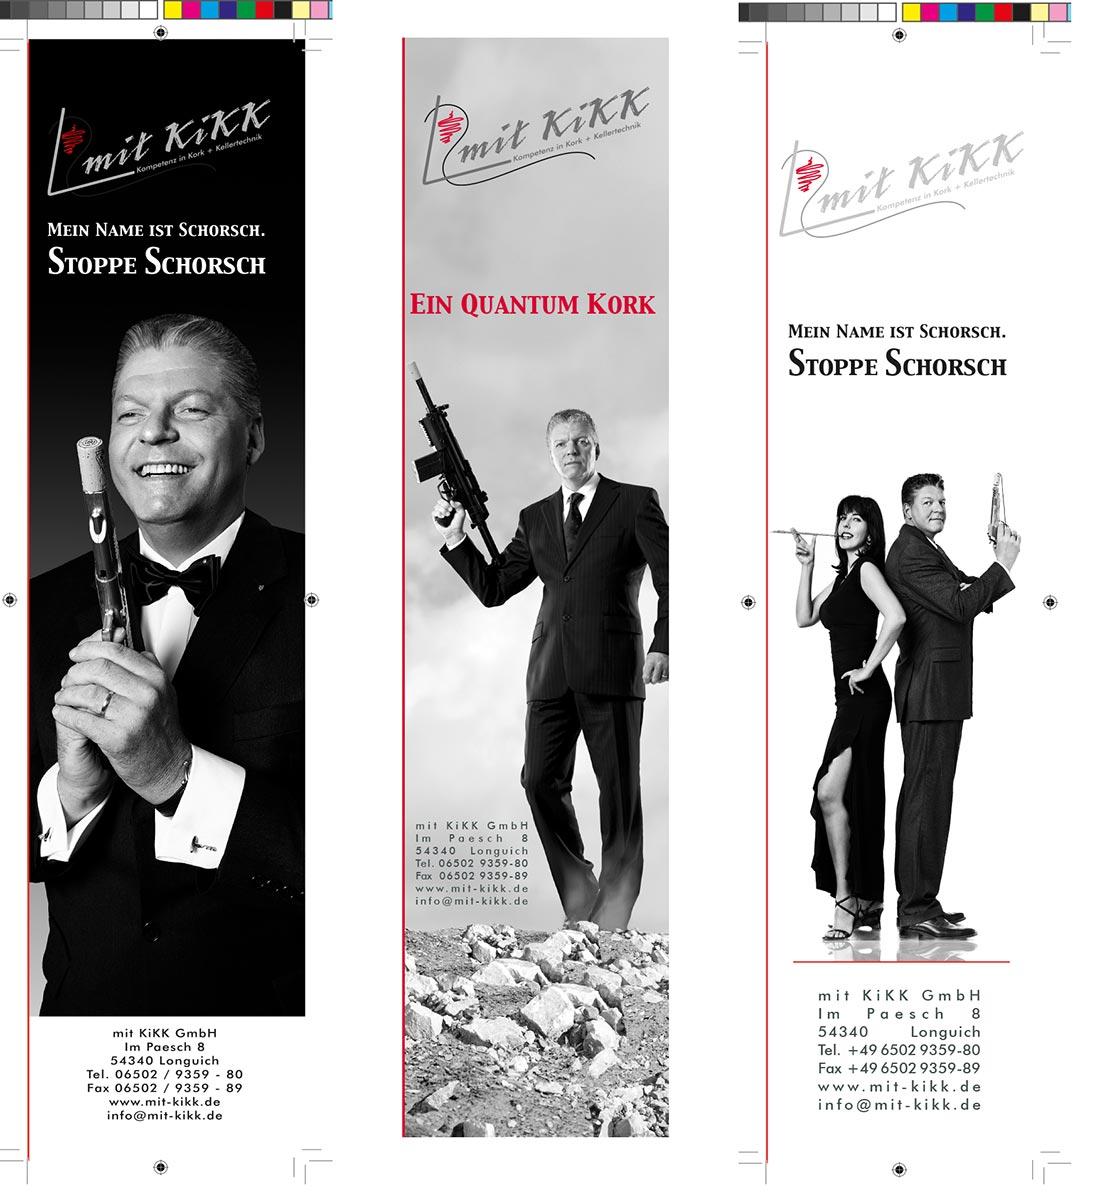 Webekampagne für Mit Kikk GmbH, James Bond, Konzept, Fotografie, Layout: Atelier Yaph Trier